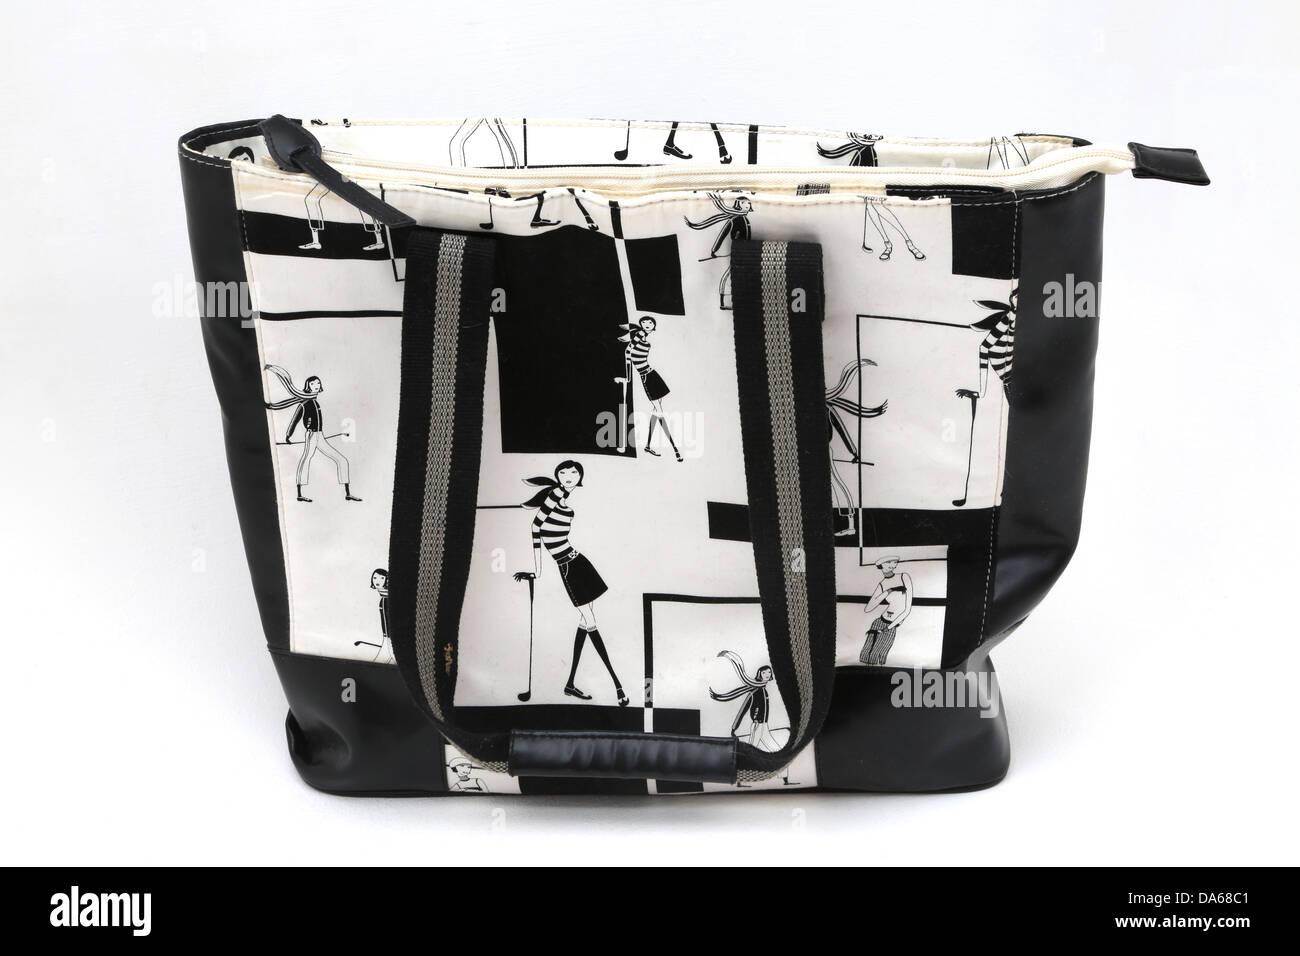 577a33f88e138 Weiße Handtasche Stockfotos   Weiße Handtasche Bilder - Alamy